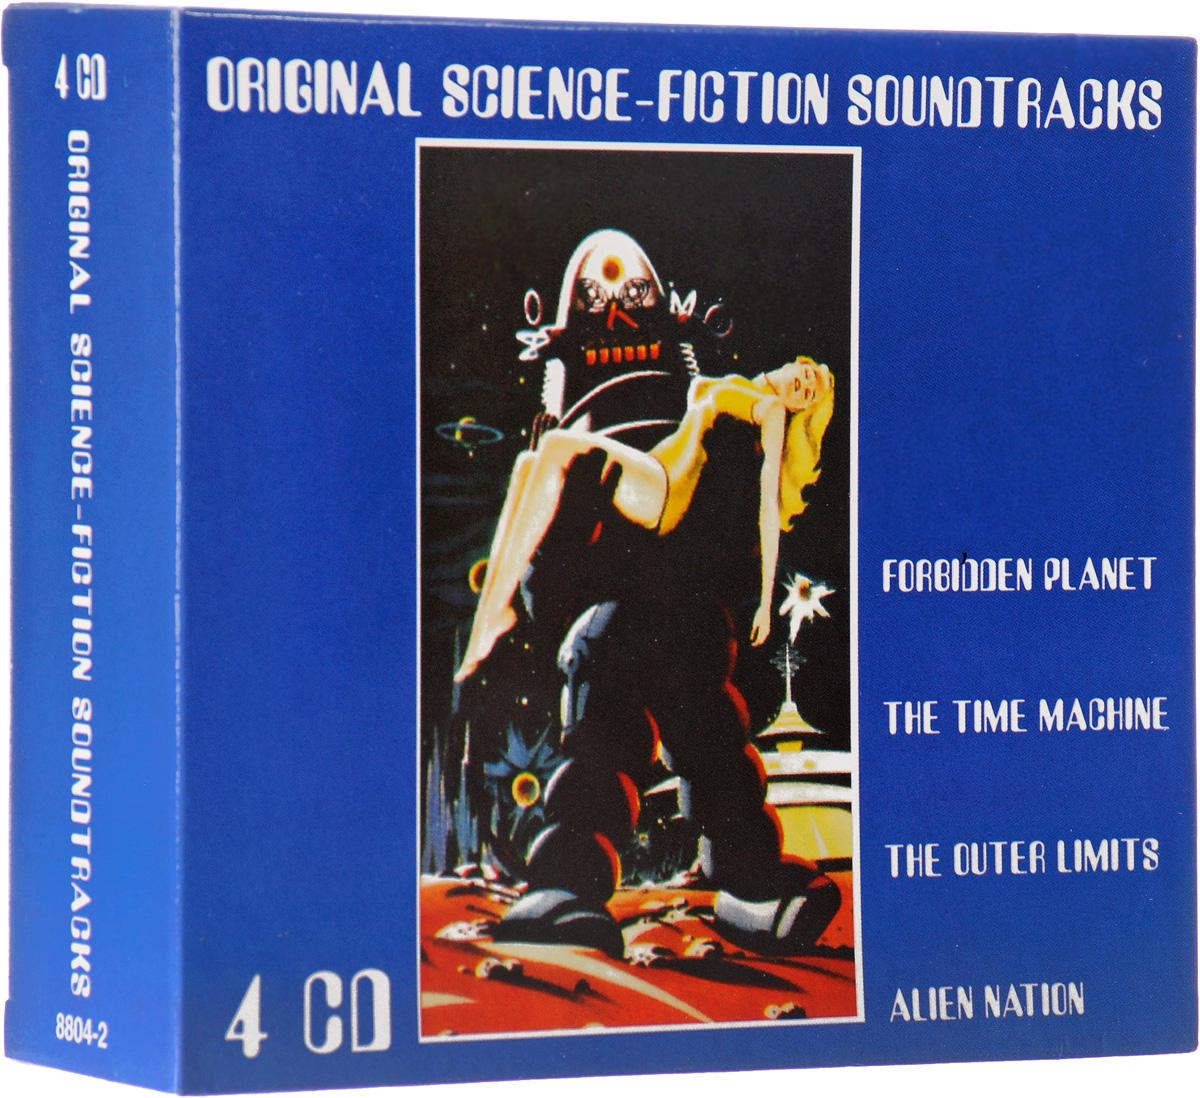 Original Science-Fiction Soundtracks (4 CD)